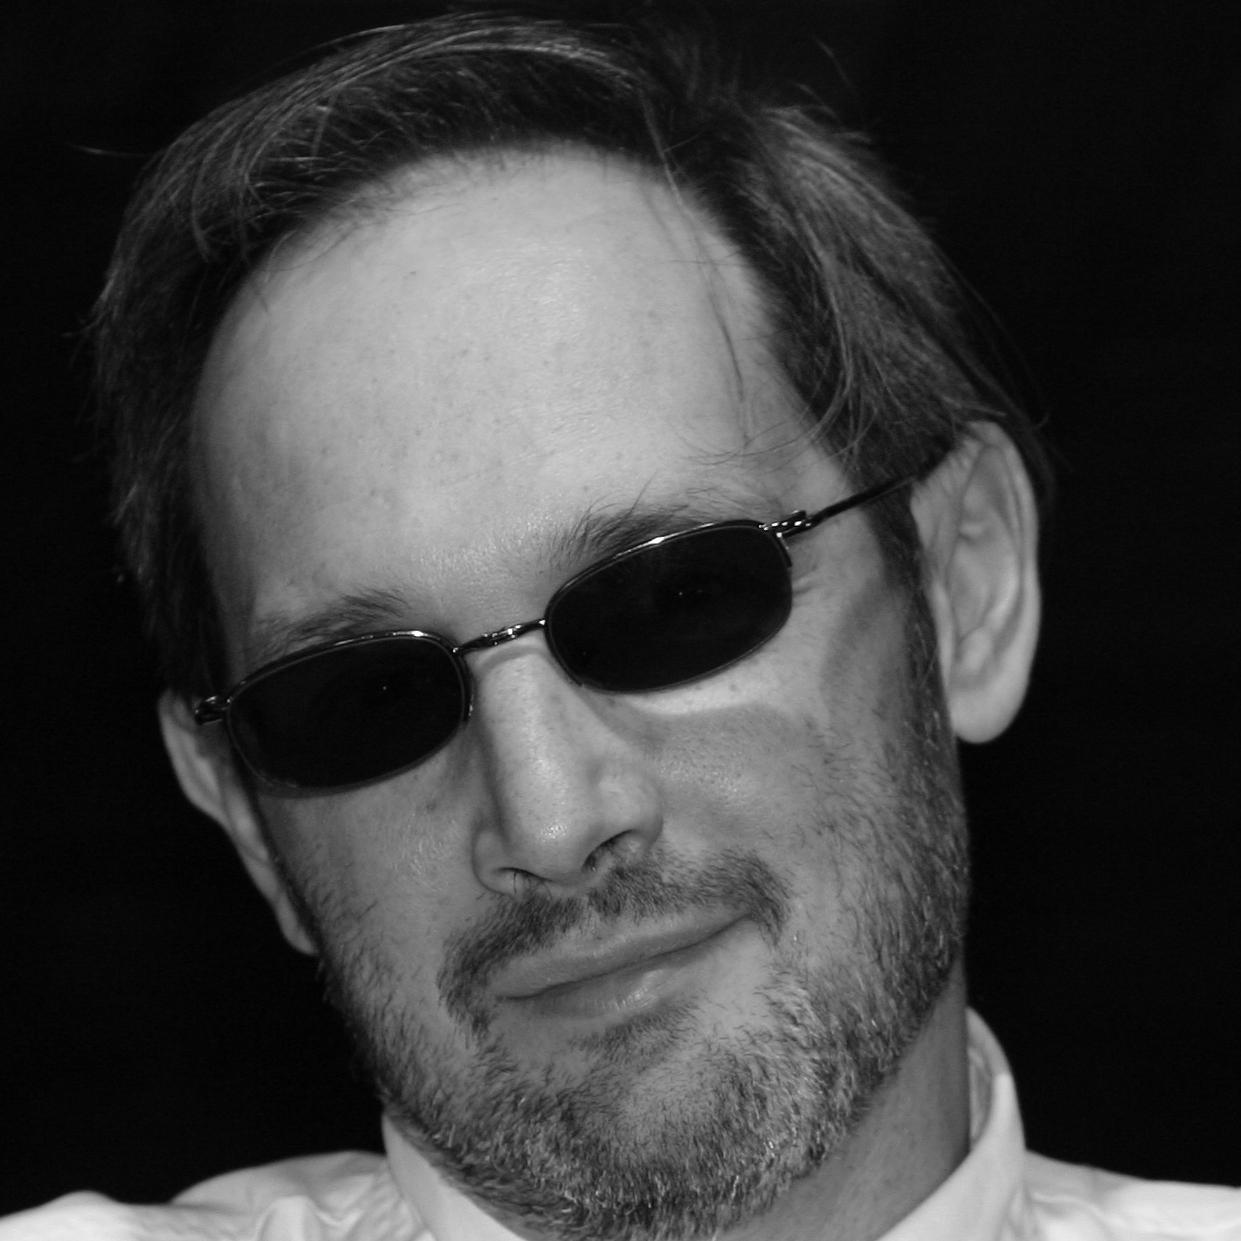 Mario Dellagiovanna